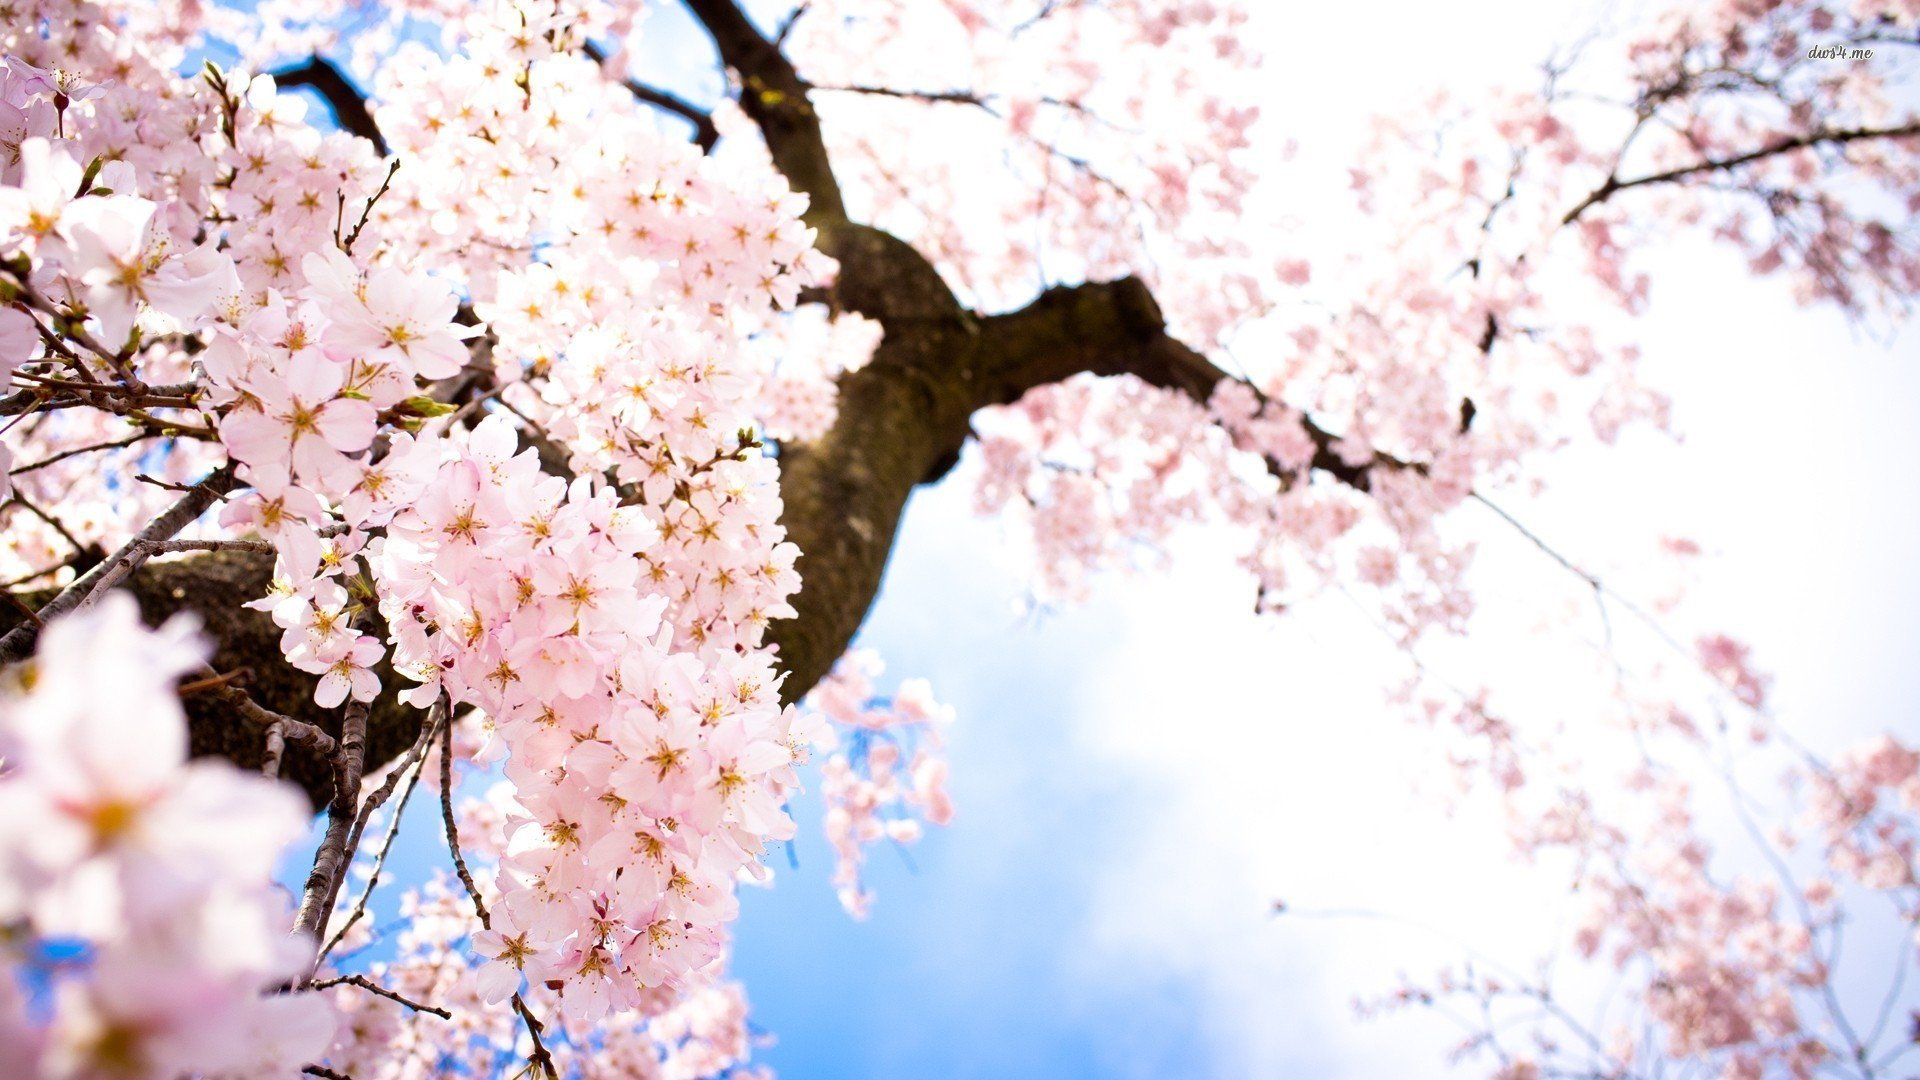 обои для рабочего стола весна япония № 60154 бесплатно